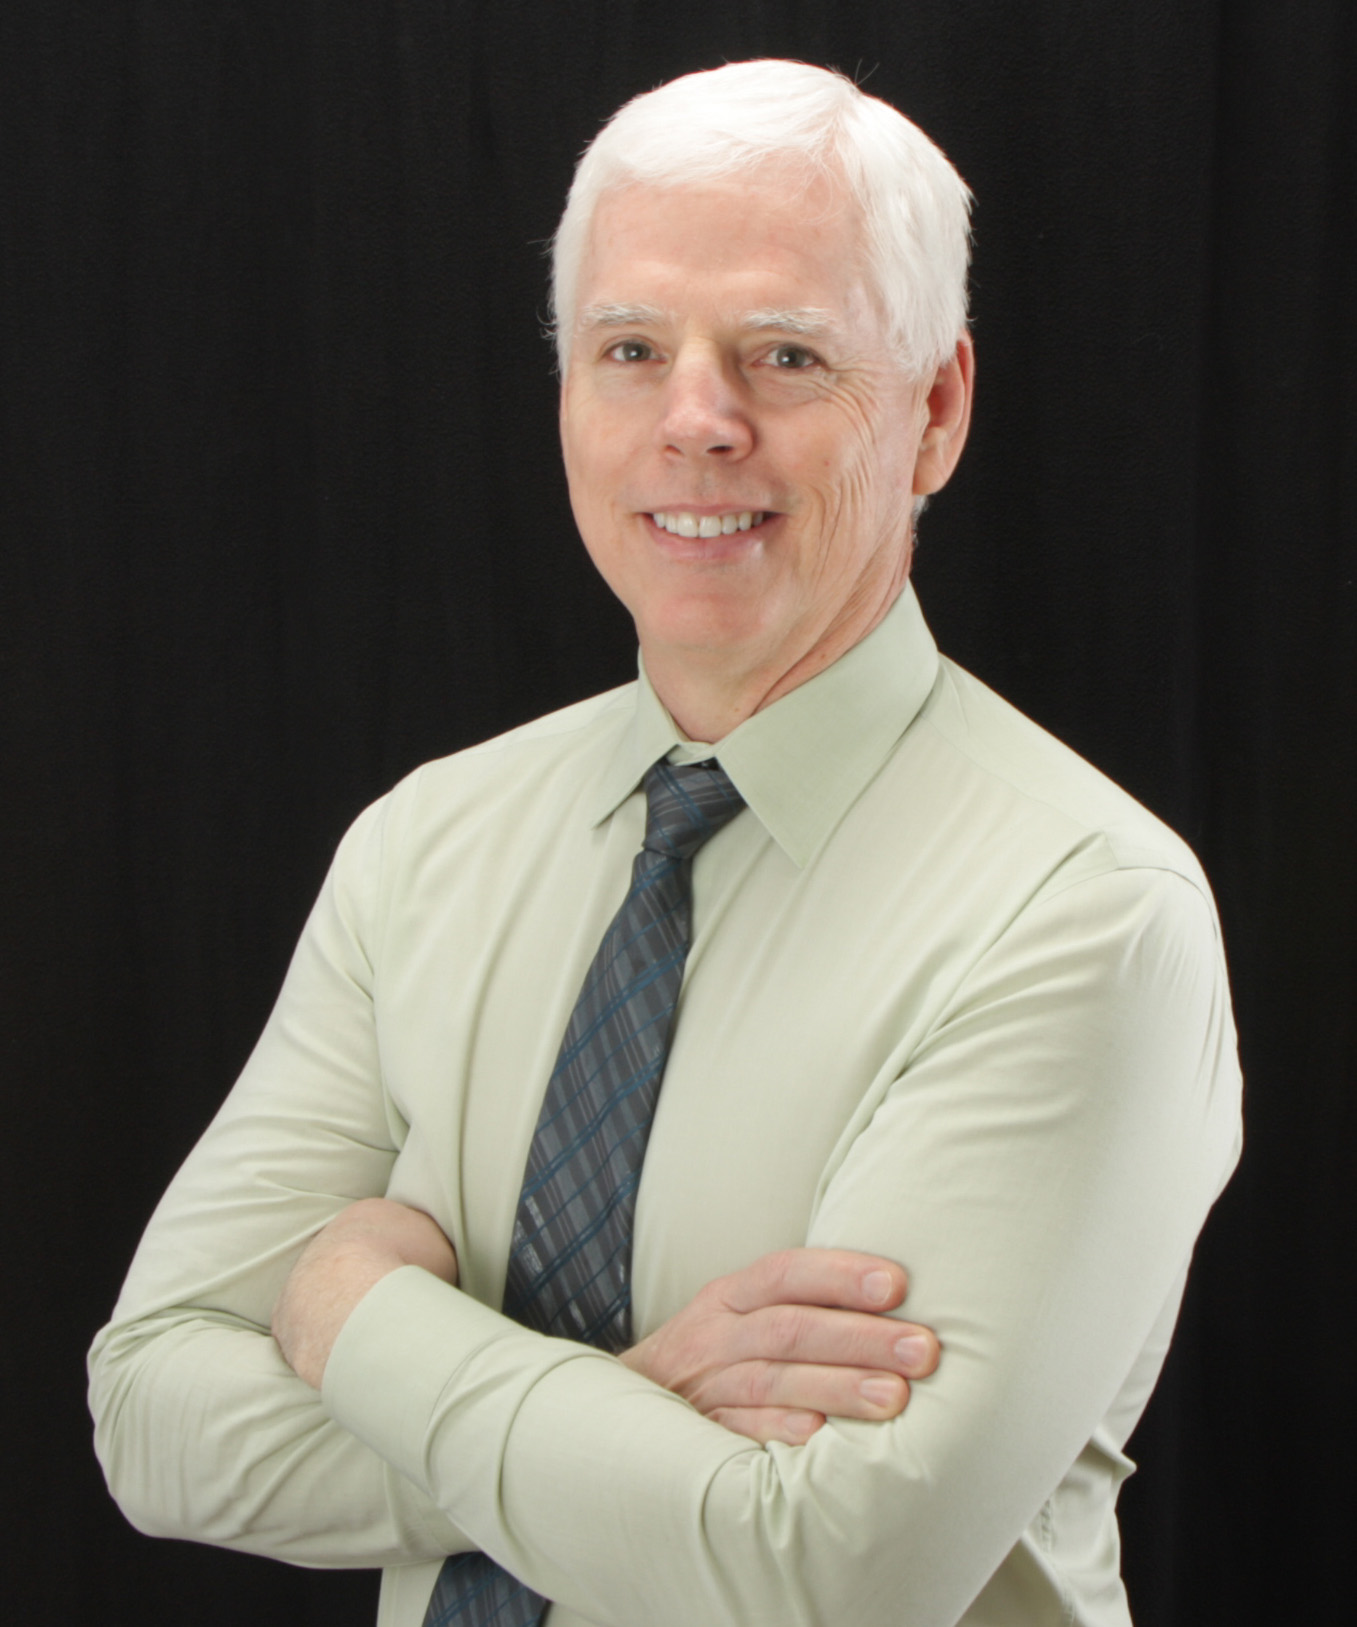 Meet Dr. Scott Tangeman